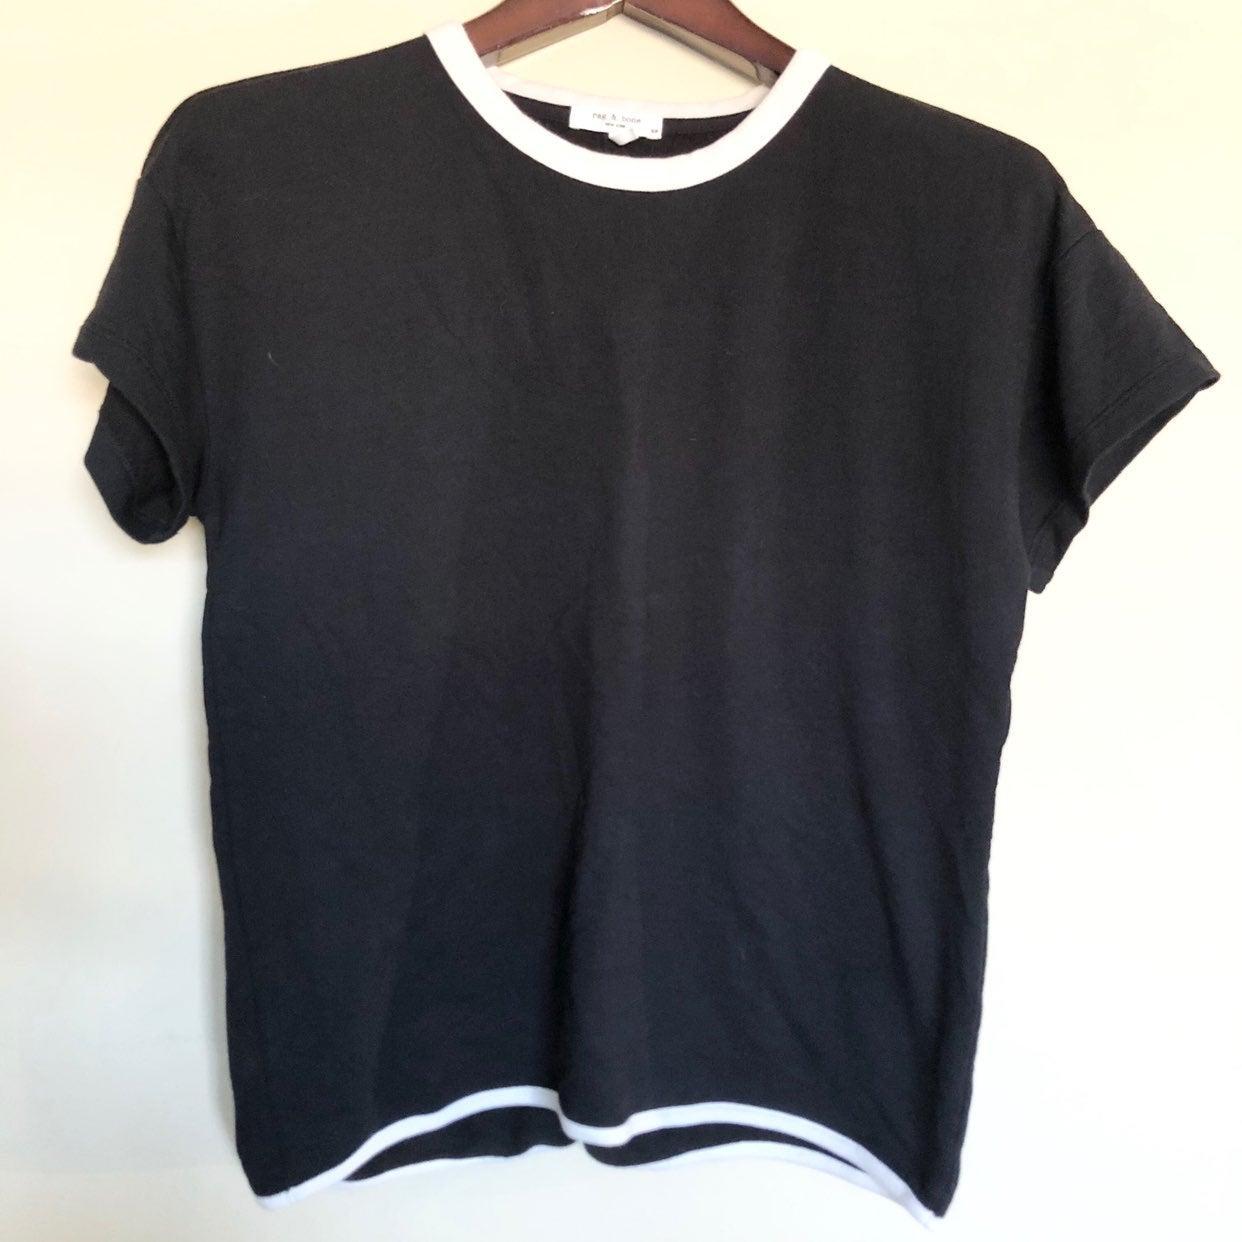 Rag & Bone Black Blouse Size Small